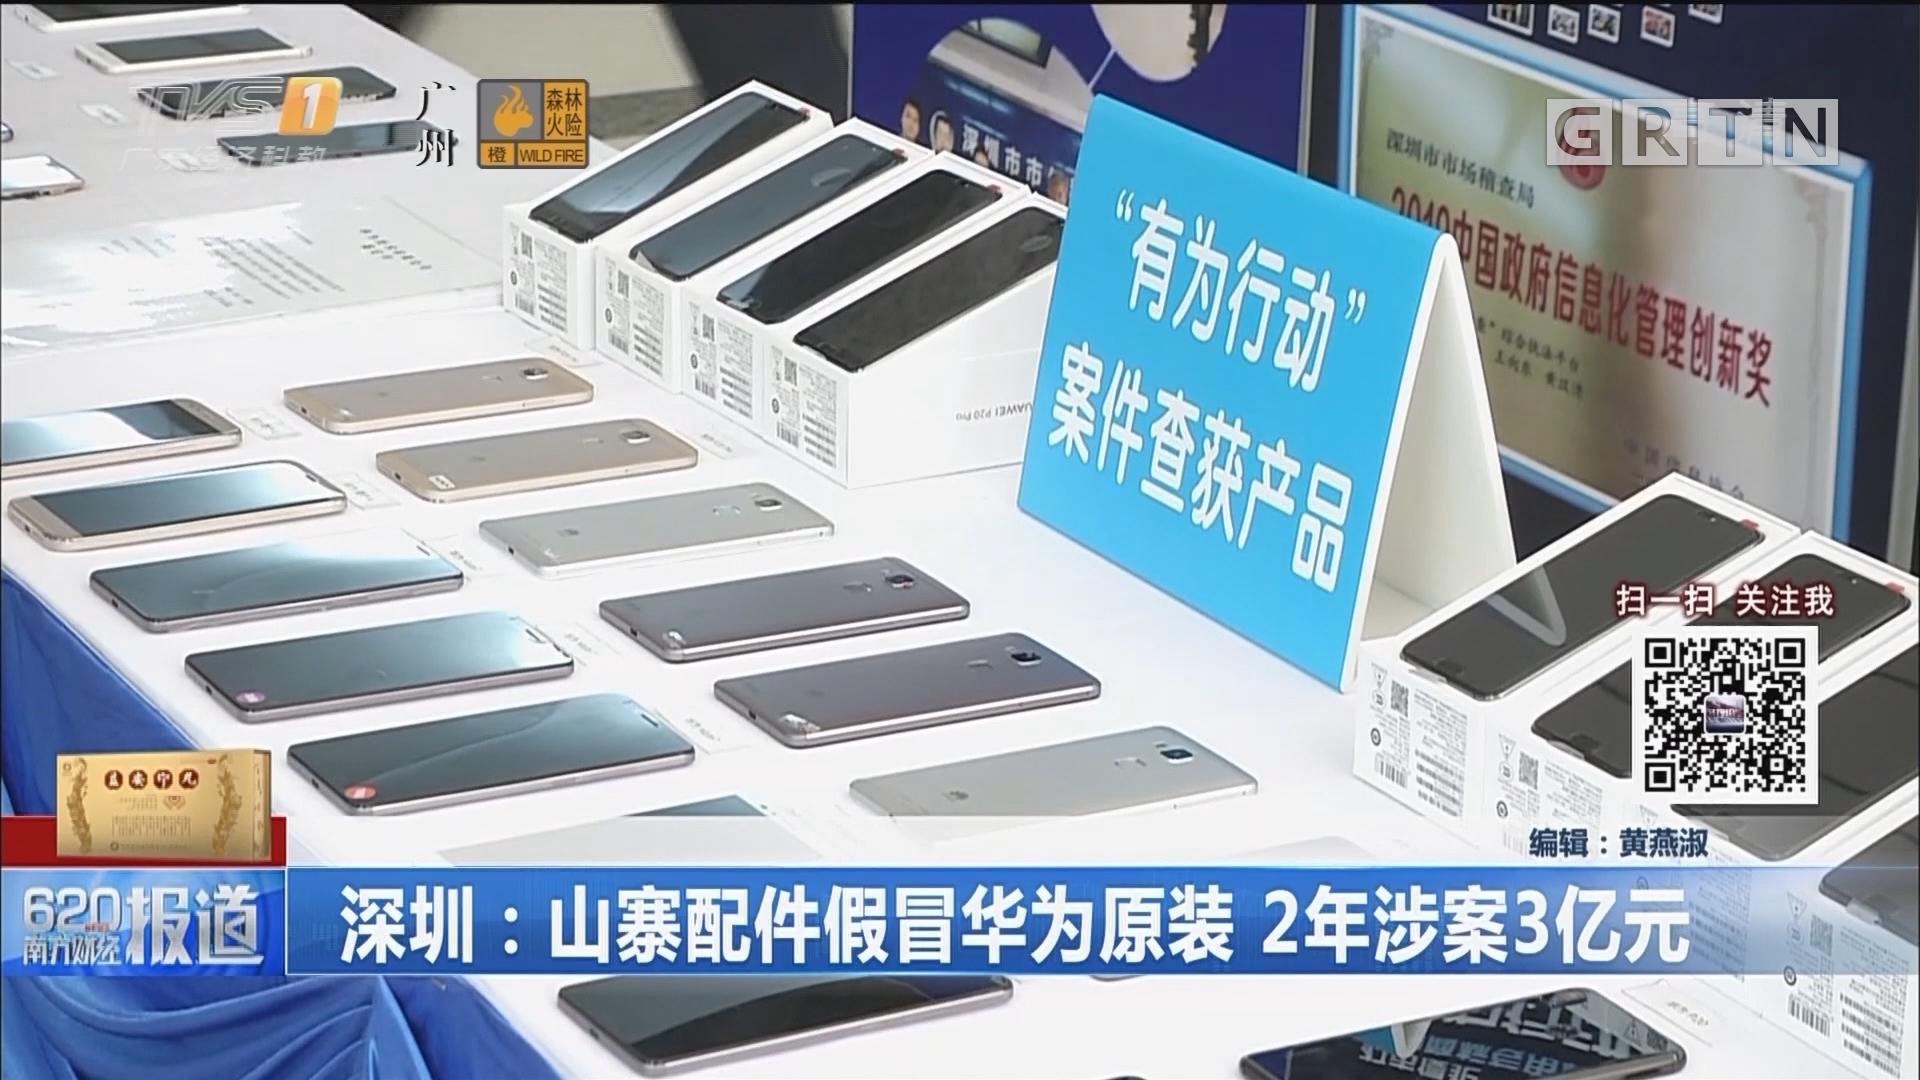 深圳:山寨配件假冒华为原装 2年涉案3亿元